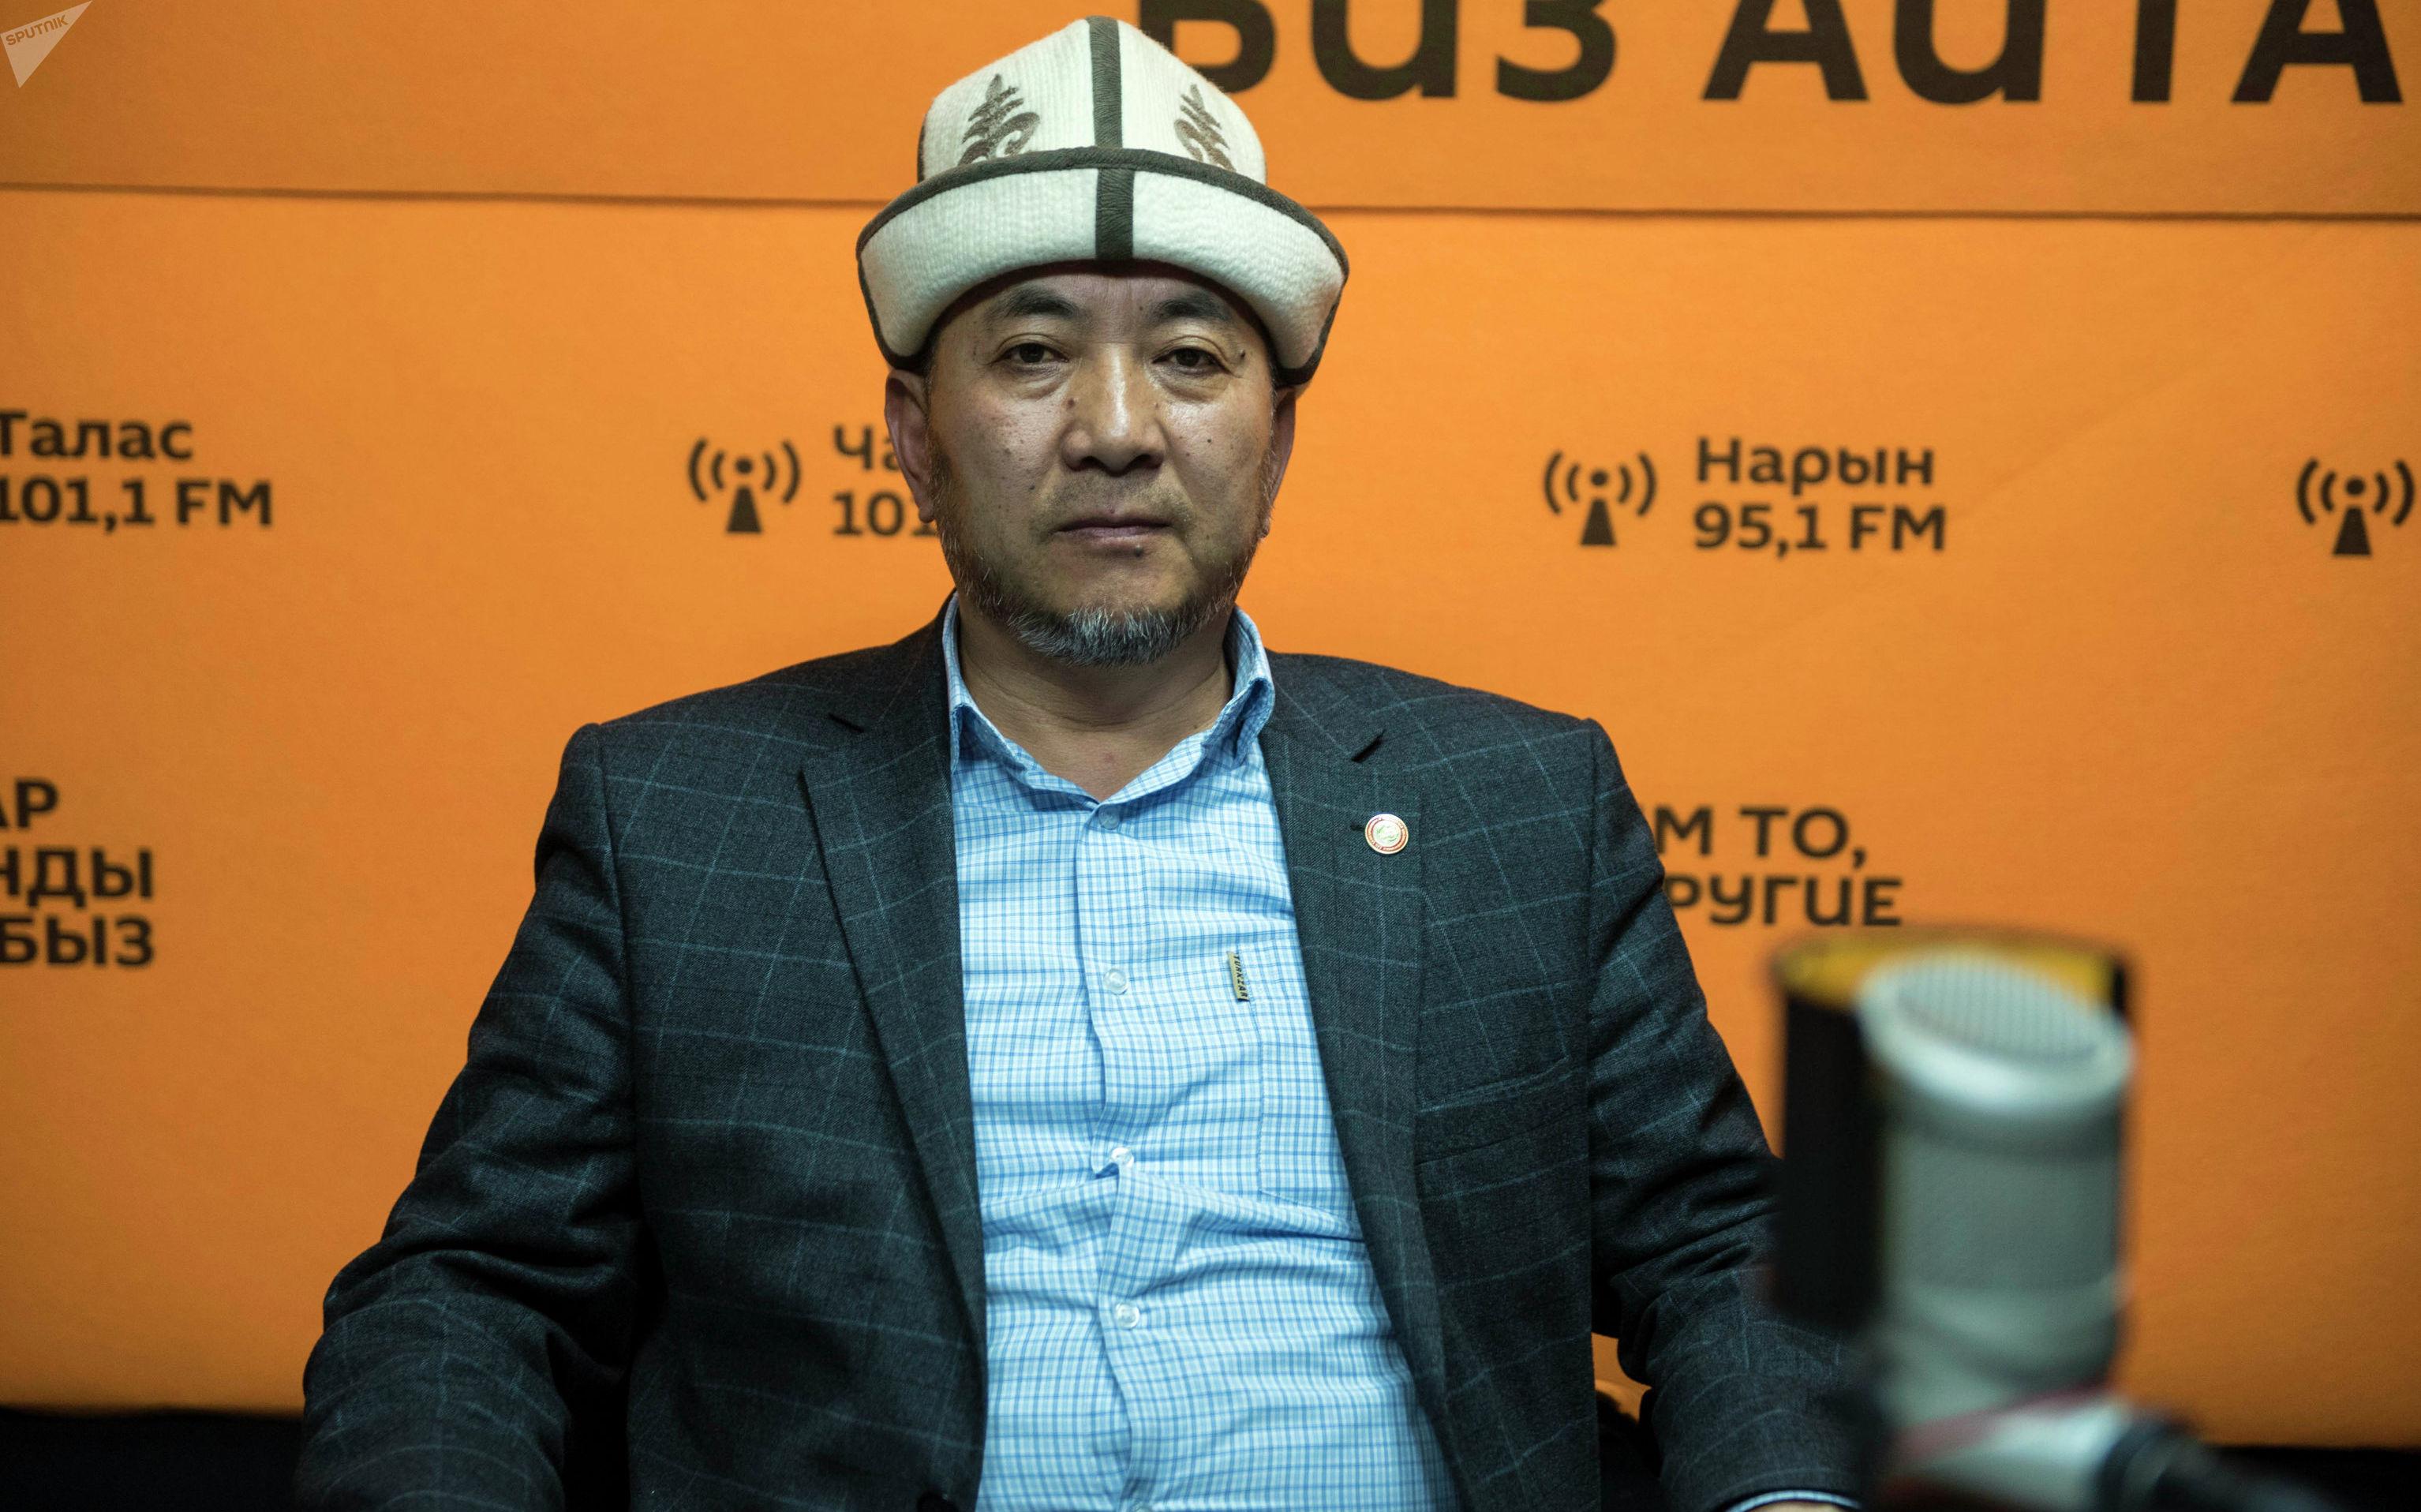 Заведующий отделом образования Духовного управления мусульман КР Акимжан Эргешов во время беседы на радио Sputnik